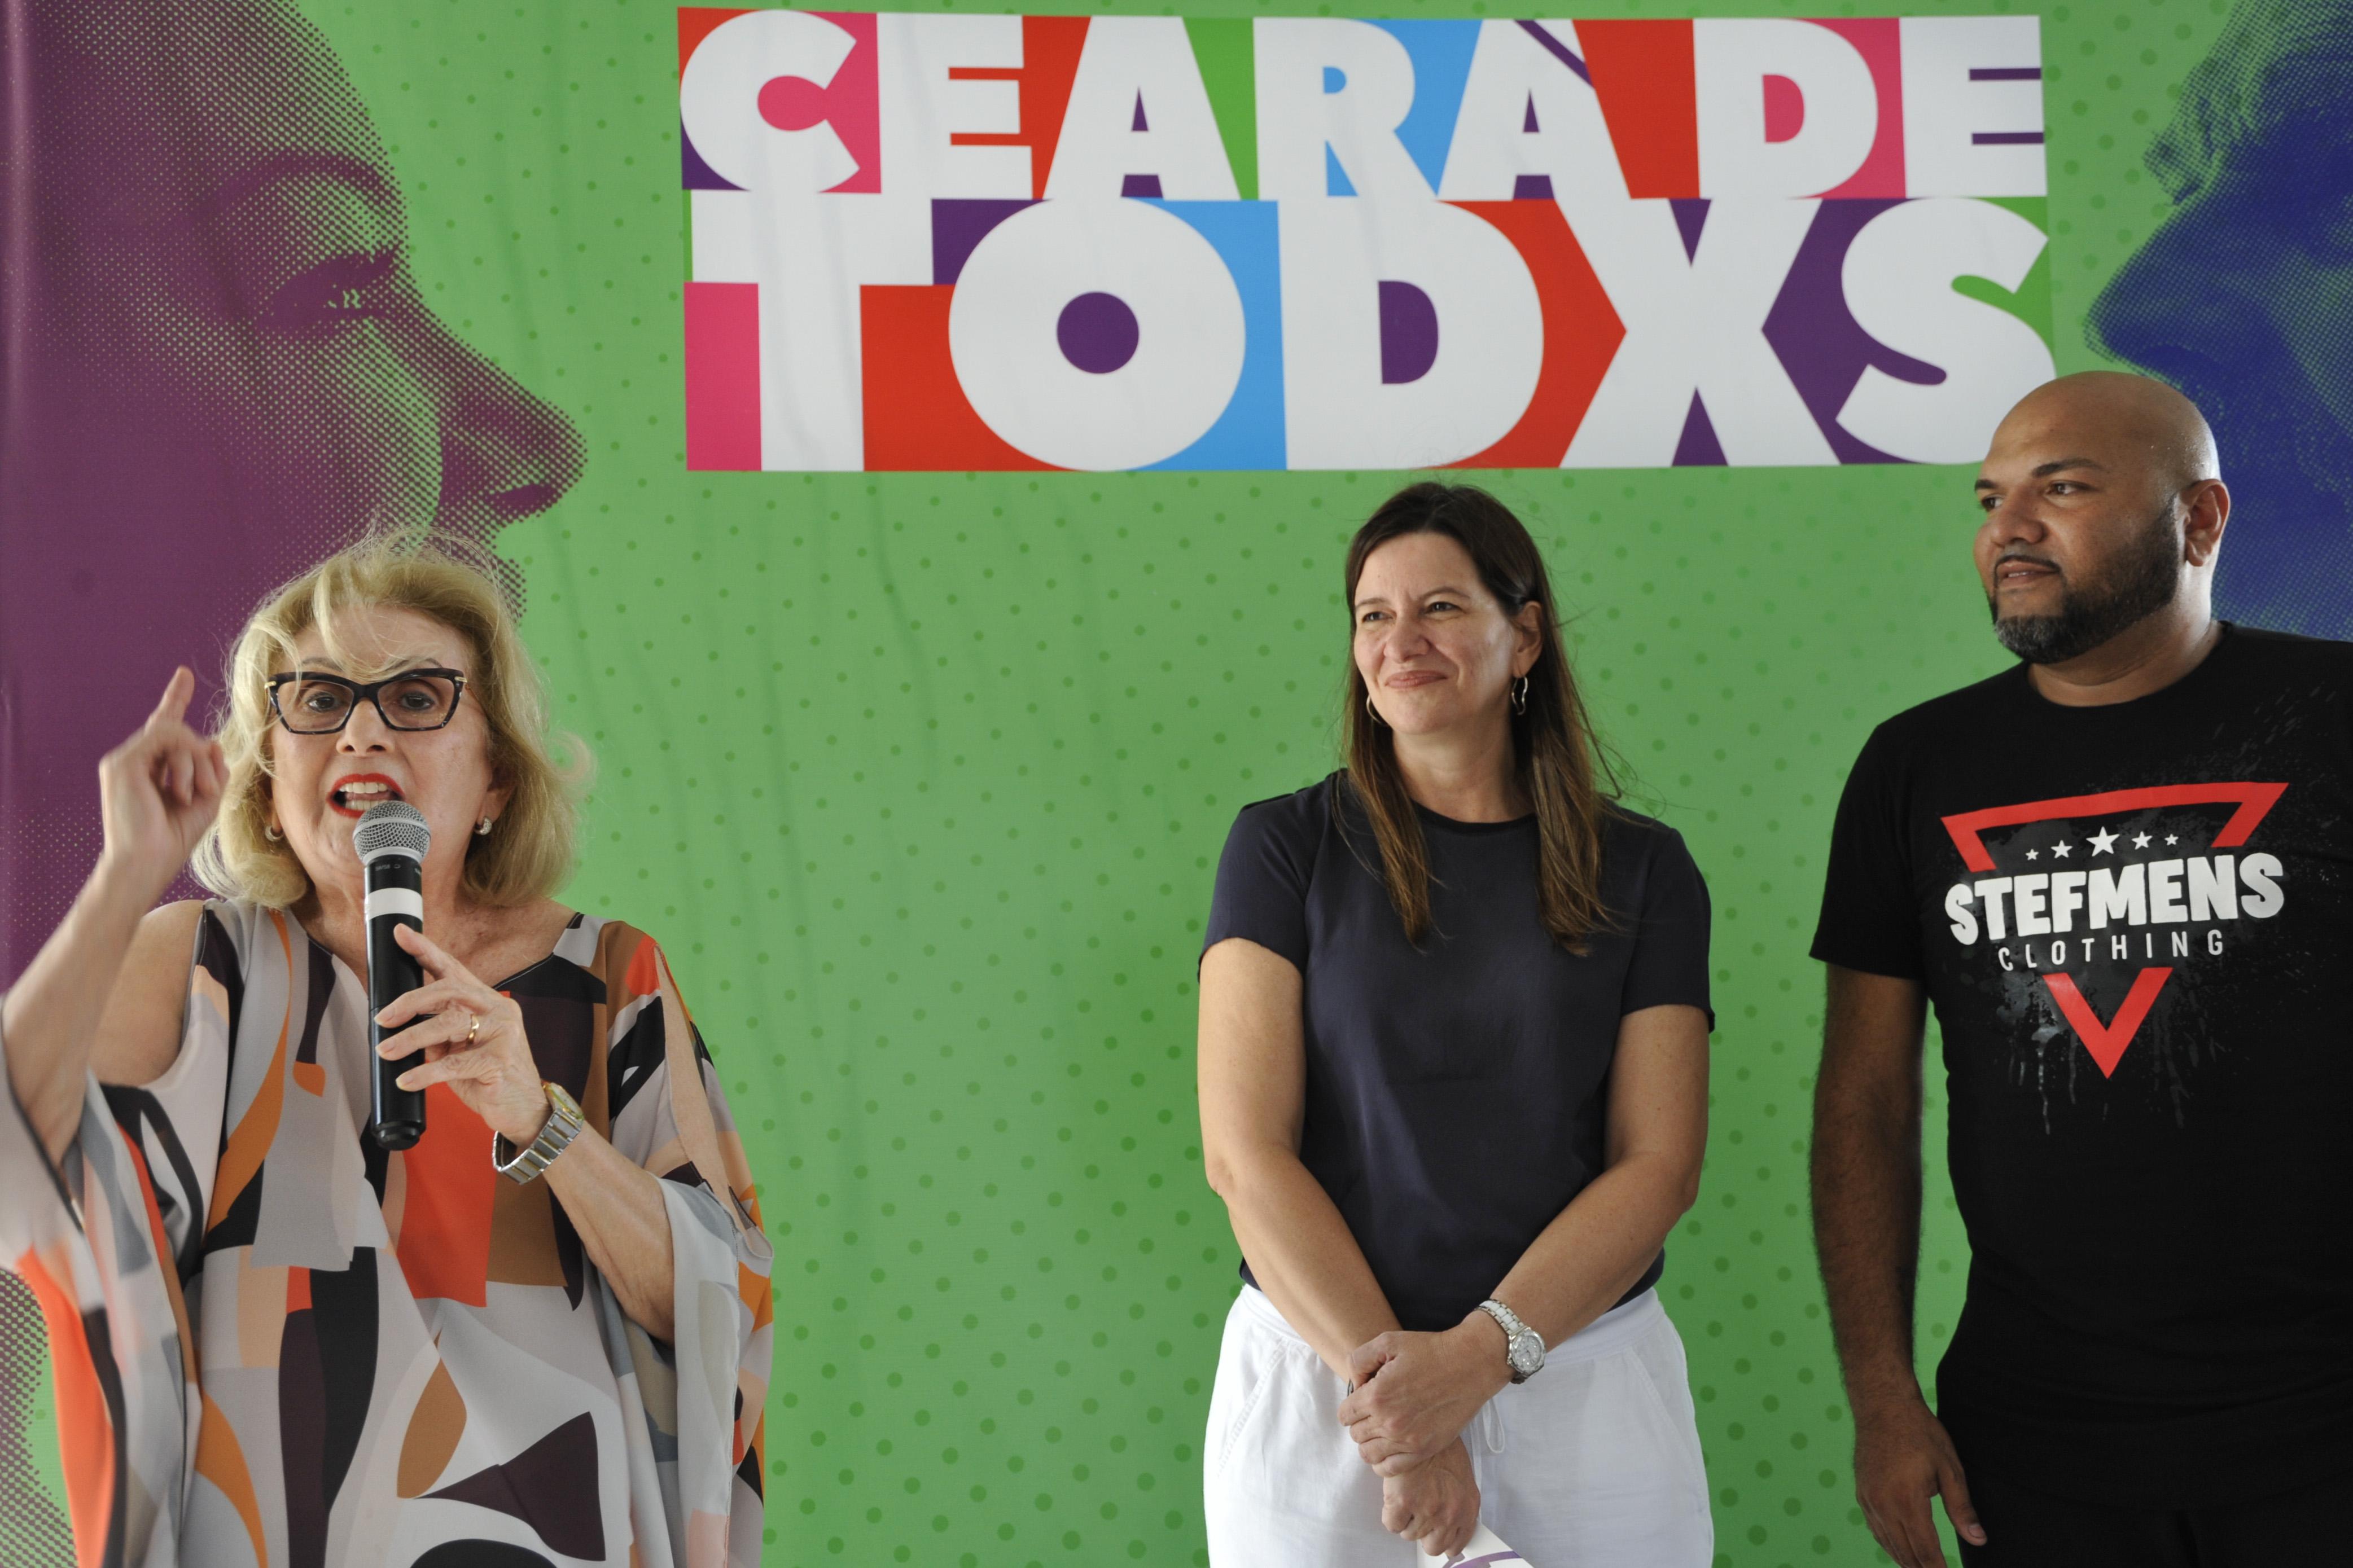 SPS lança campanha Ceará de Todxs e celebra diversidade e luta por direitos no Dia de Combate à LGBTfobia